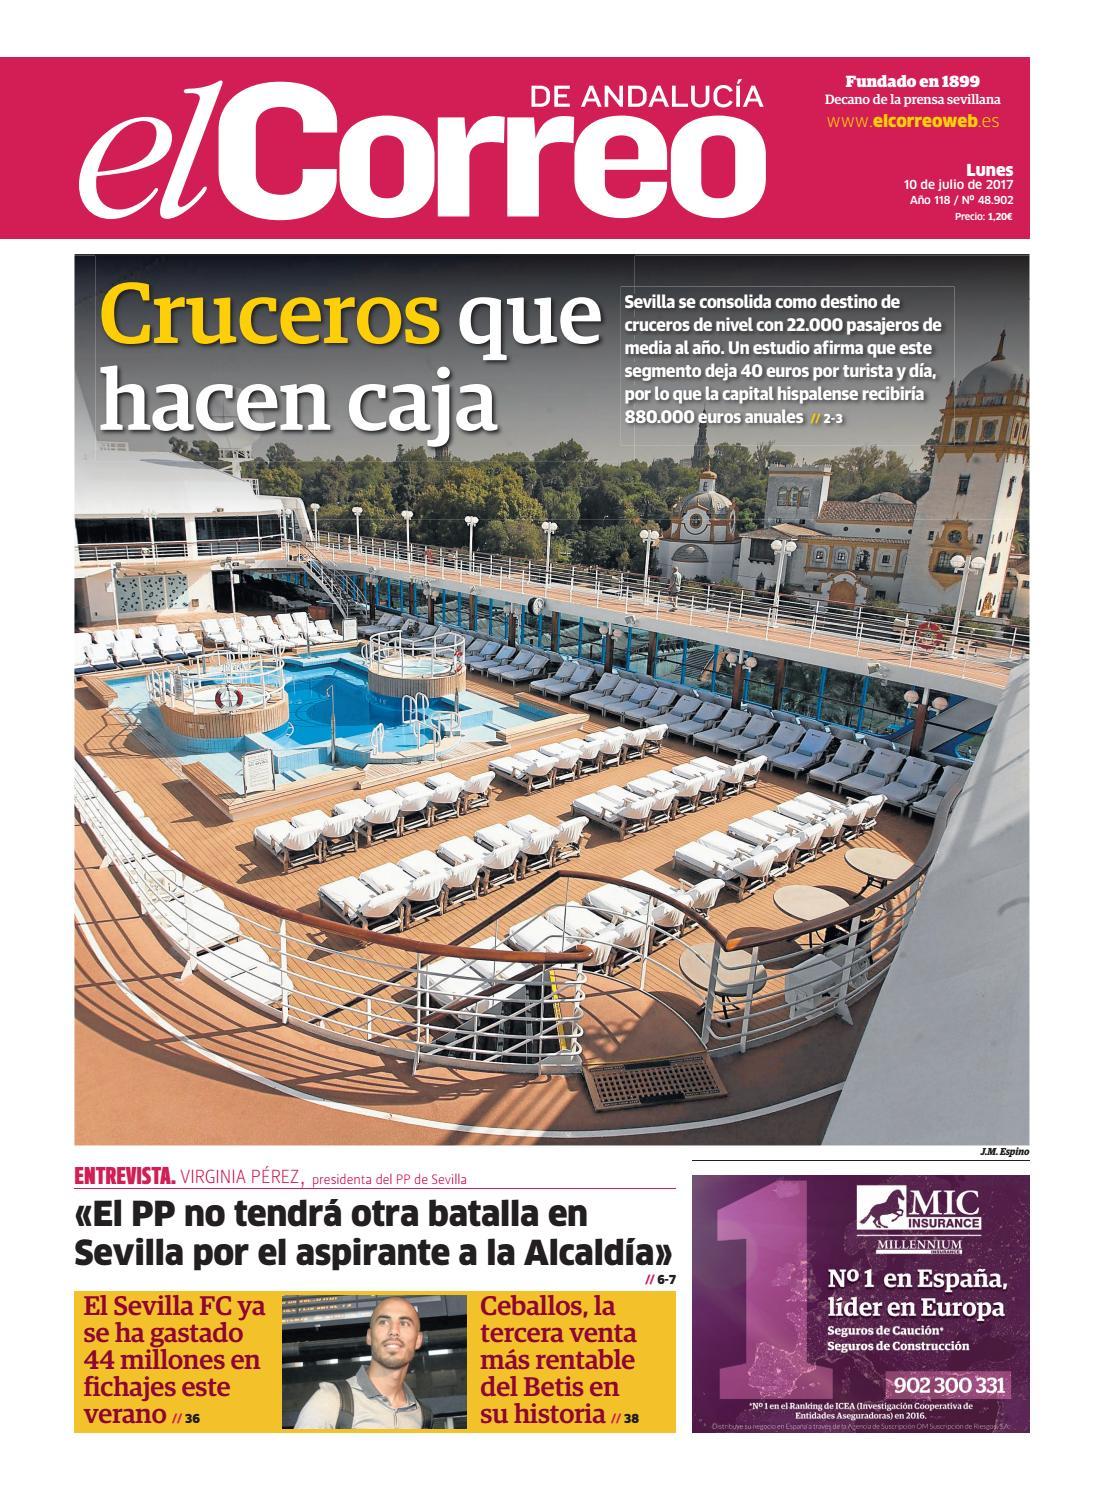 10 07 2017 El Correo de Andalucía by EL CORREO DE ANDALUCÍA S.L. - issuu